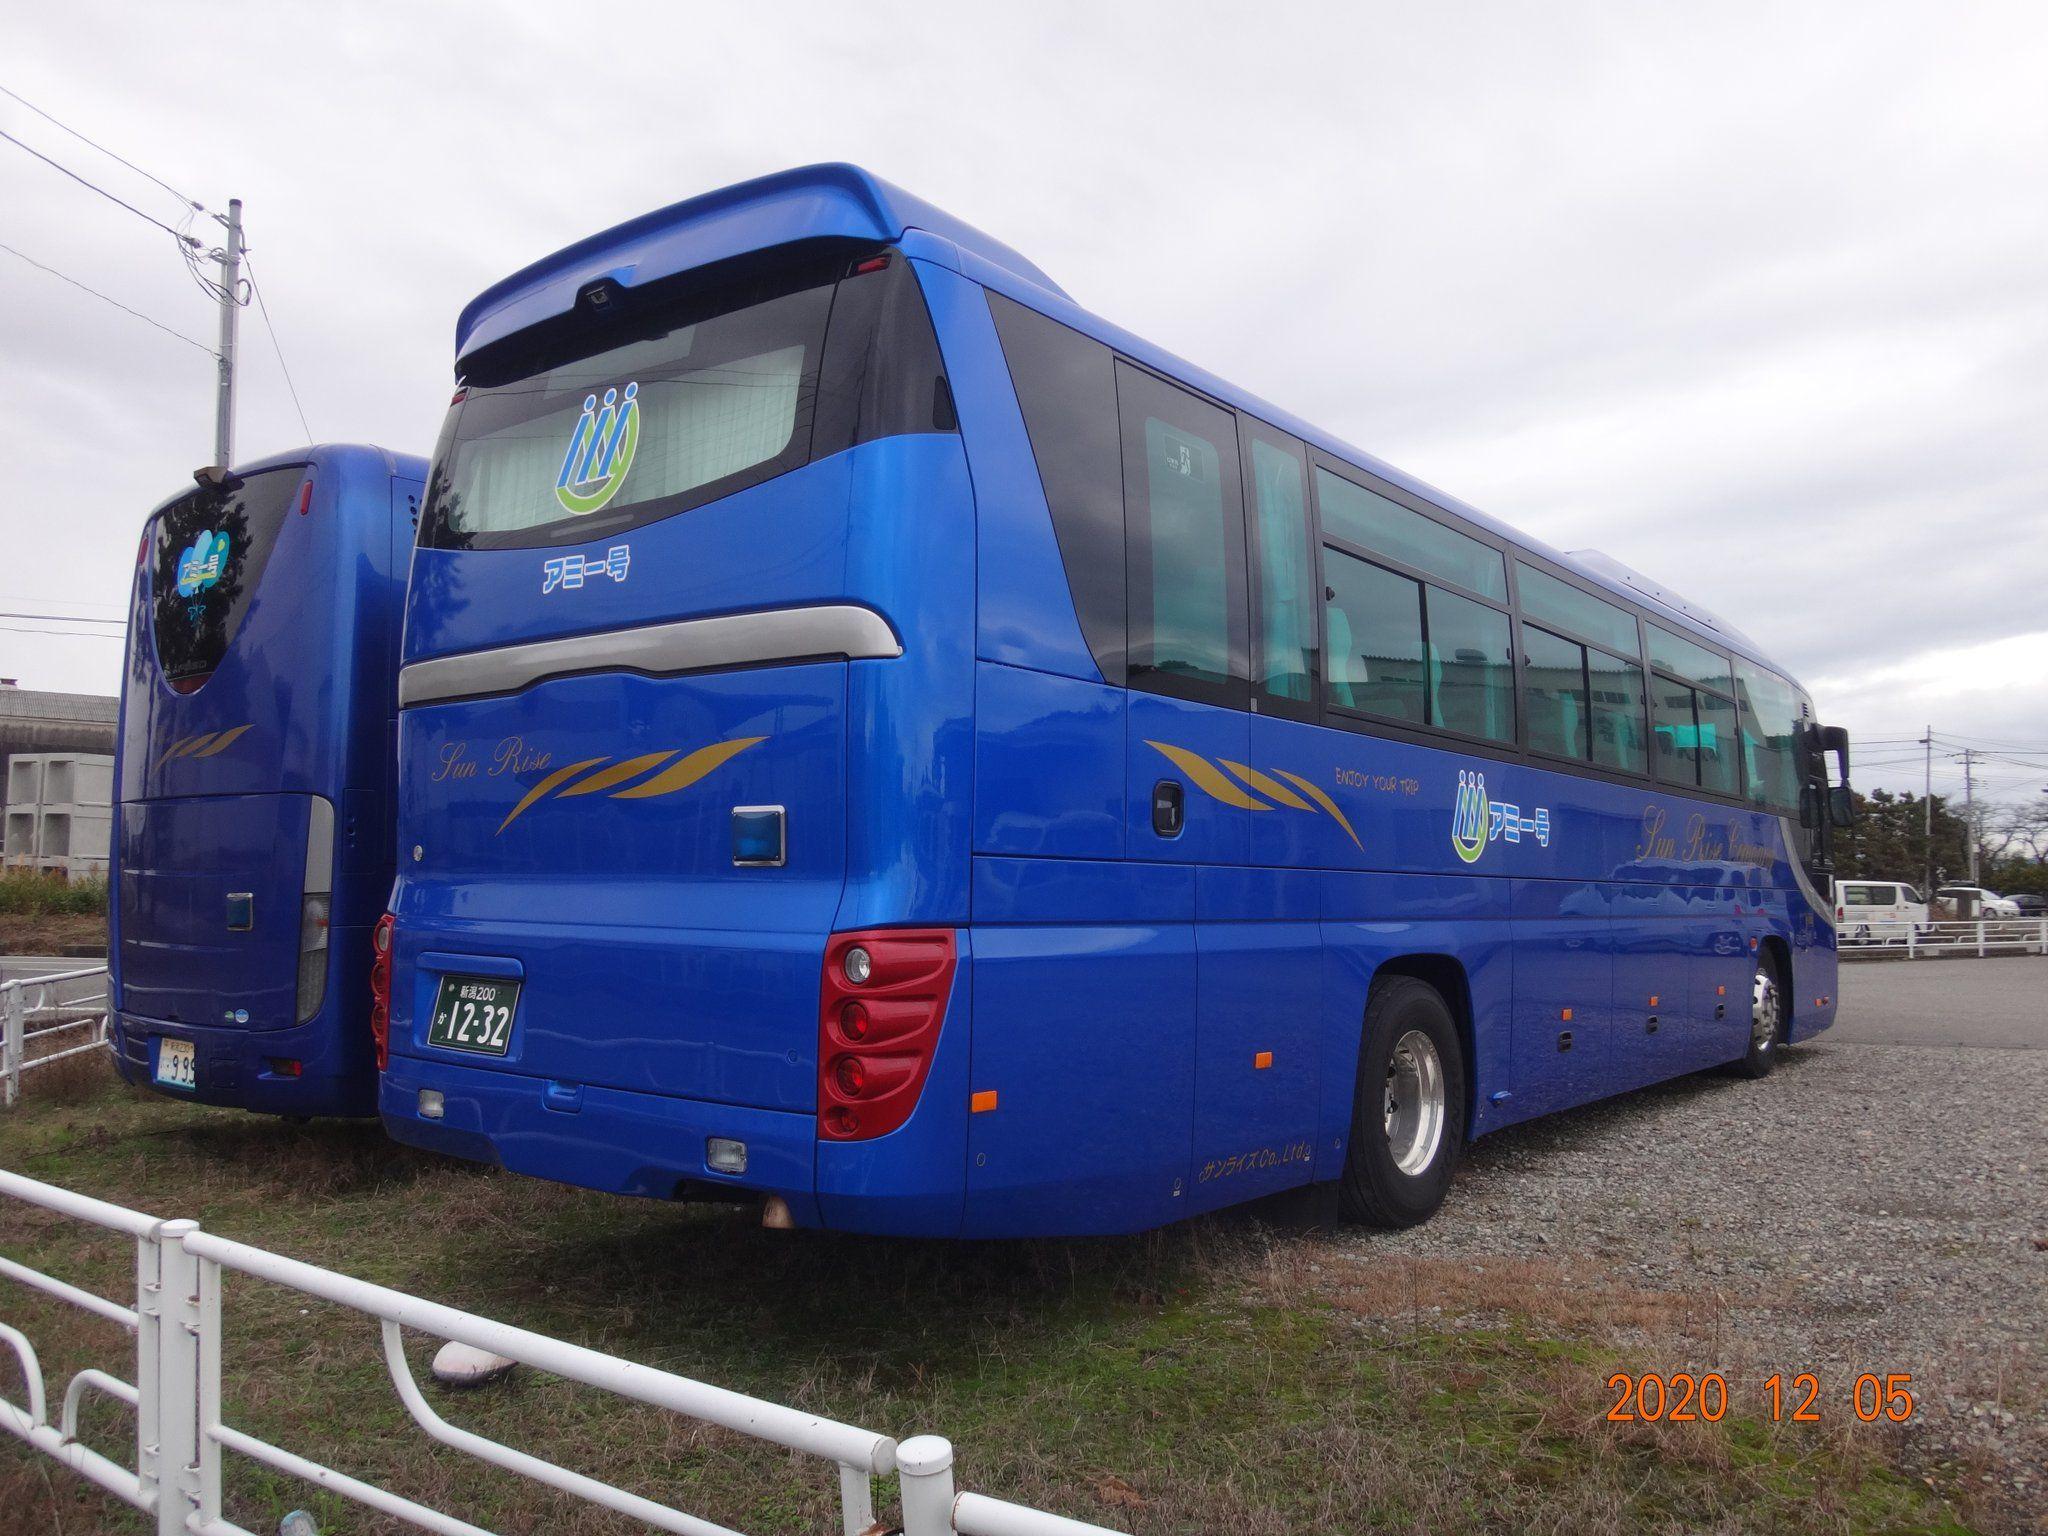 桃川上 On Twitter Rent A Car Hino Bus